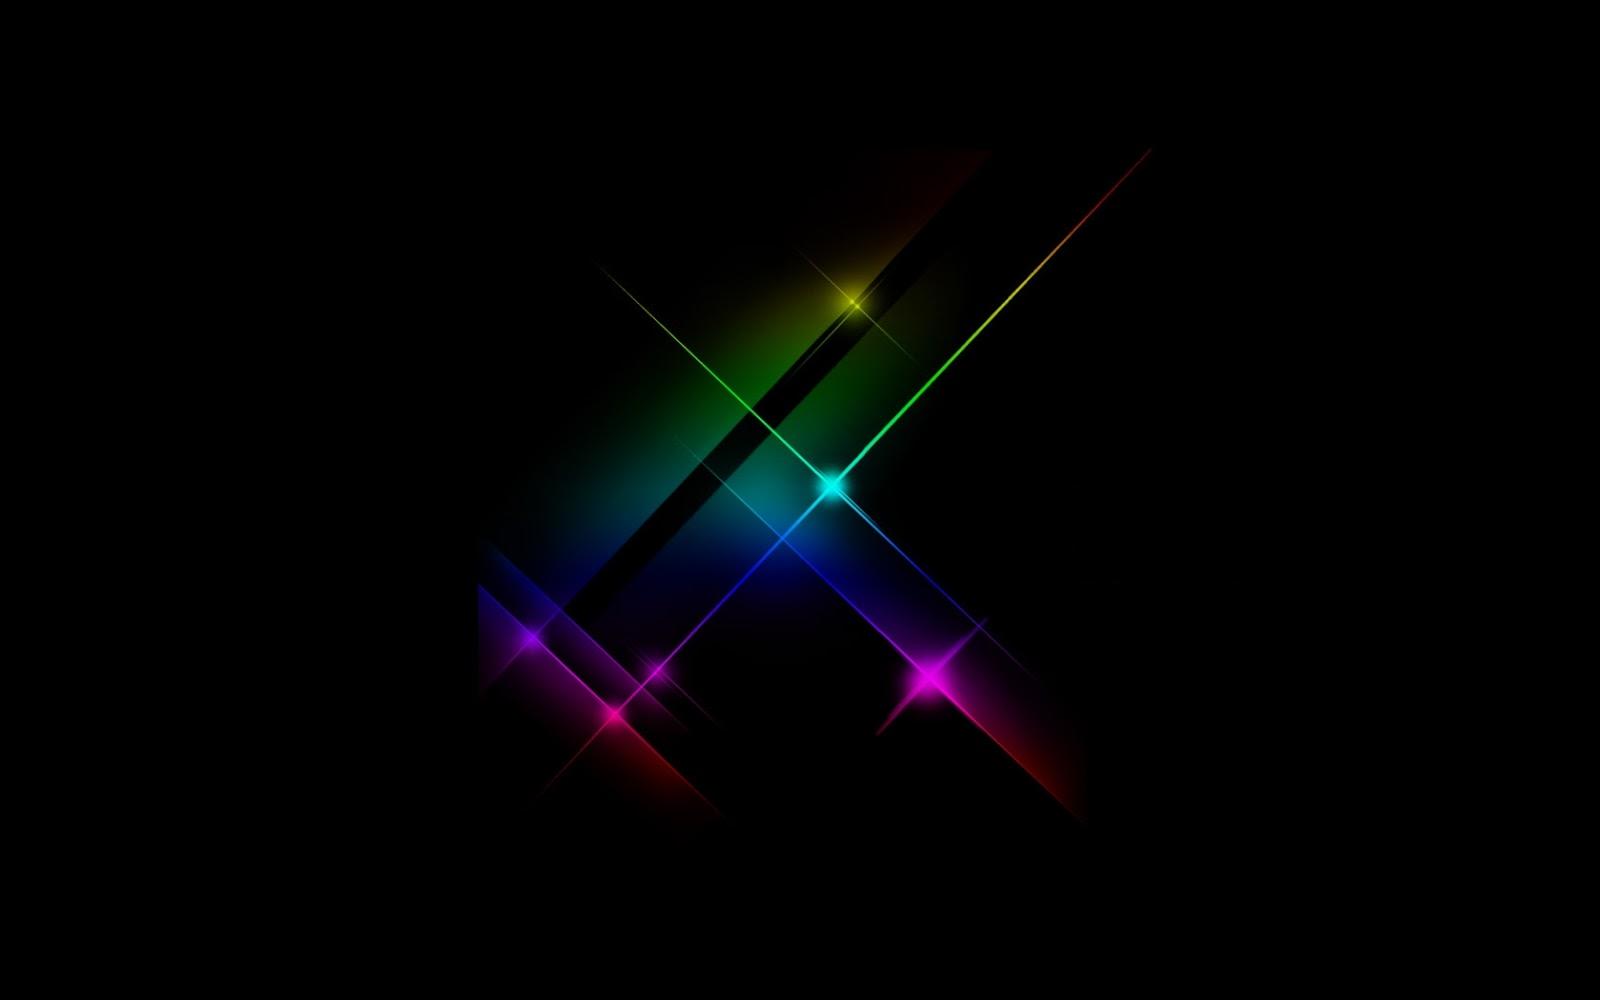 Wallpapers destellos imagui for Luces de colores